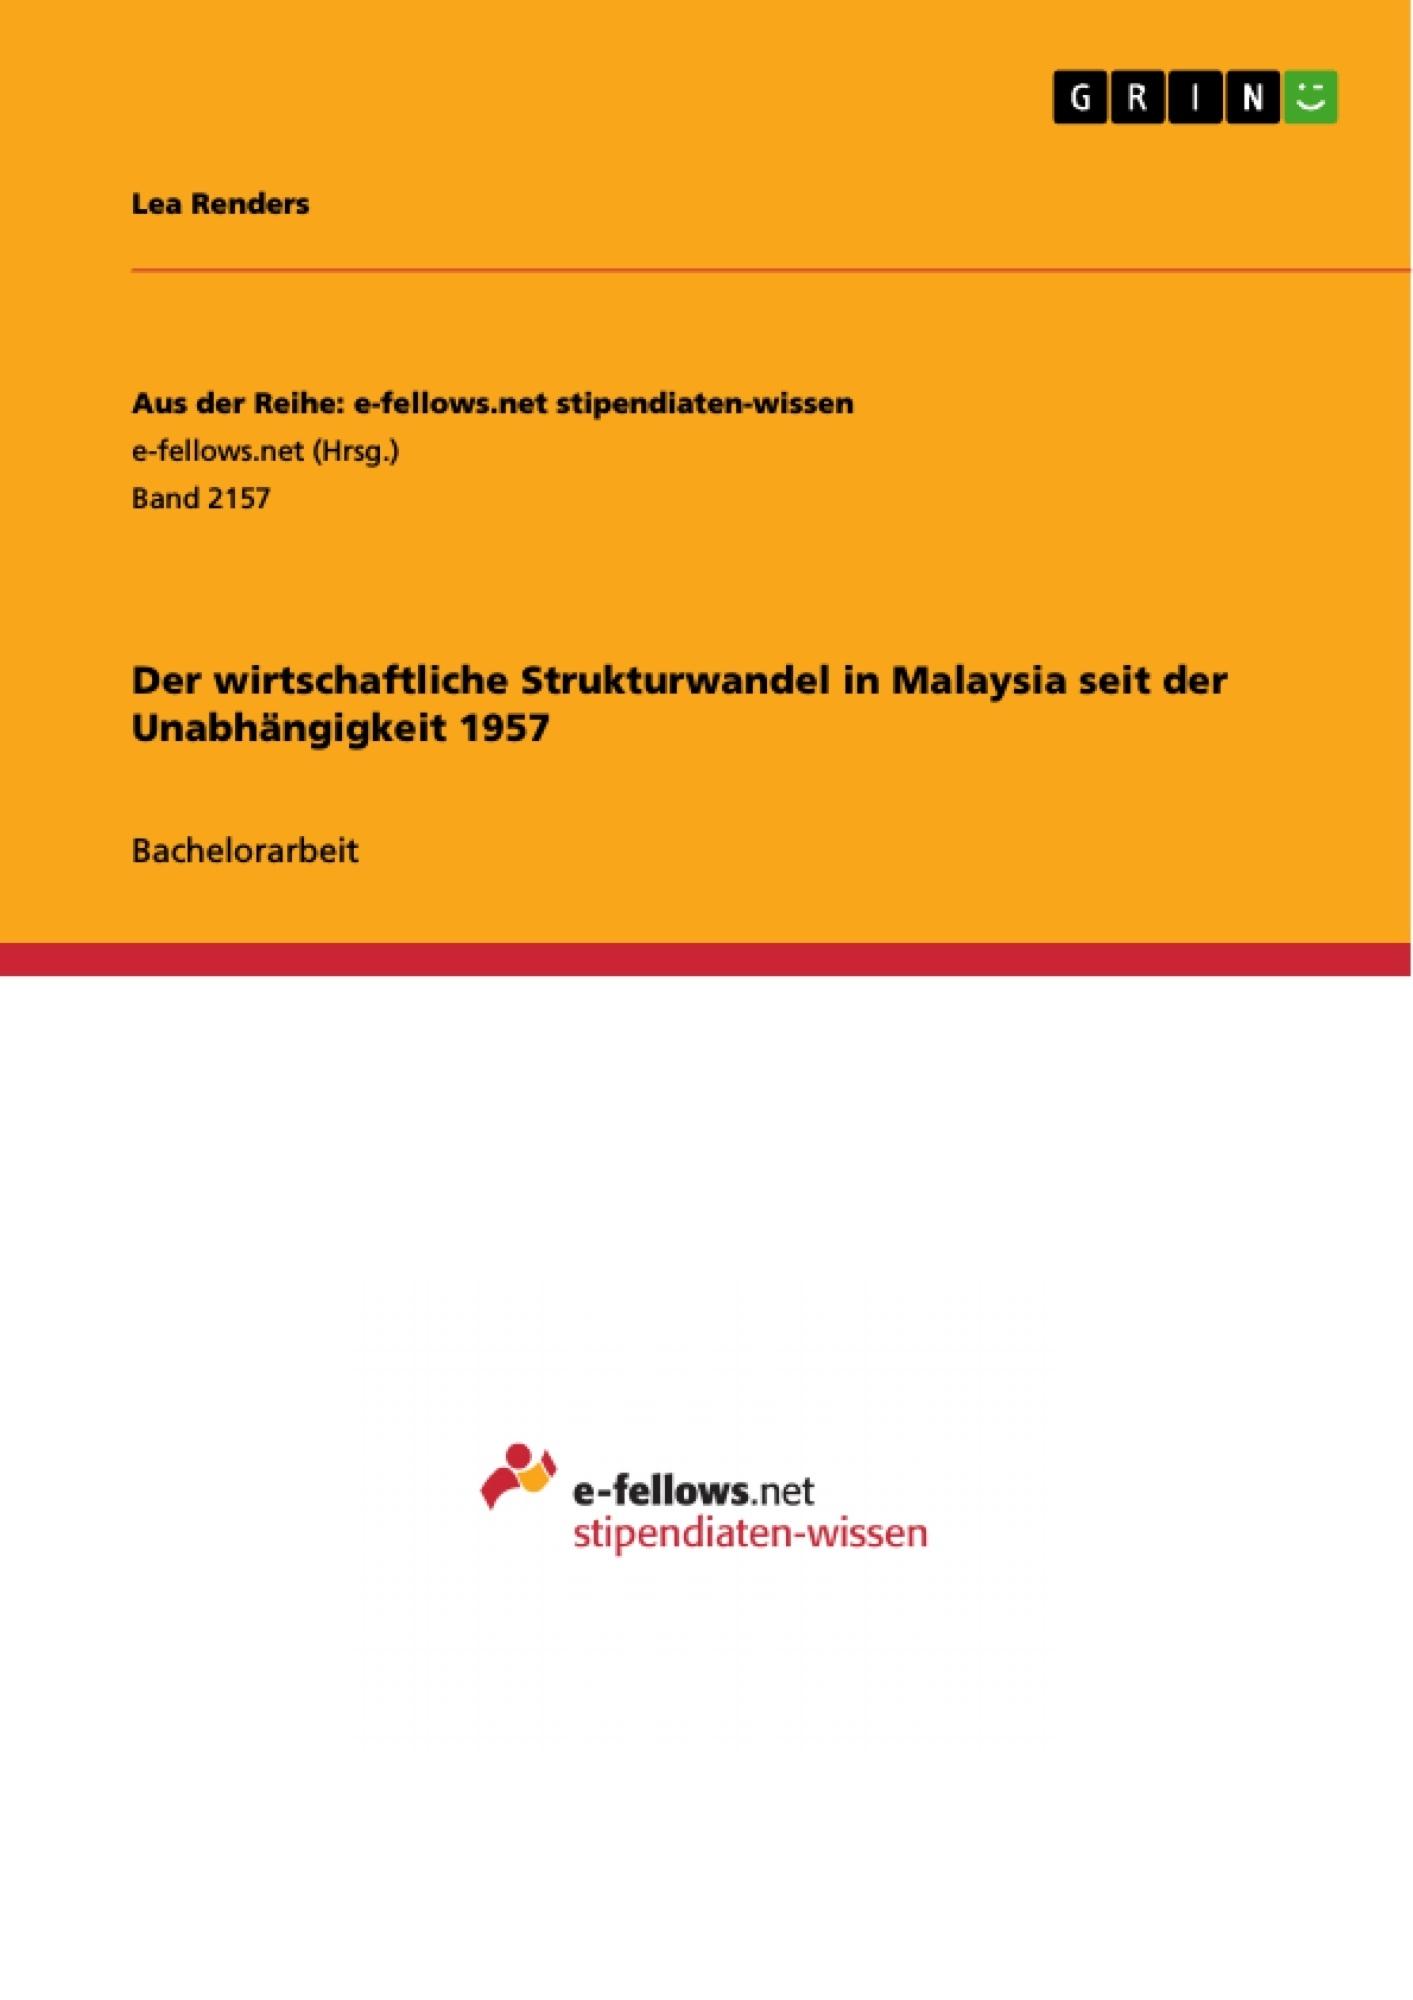 Titel: Der wirtschaftliche Strukturwandel in Malaysia seit der Unabhängigkeit 1957